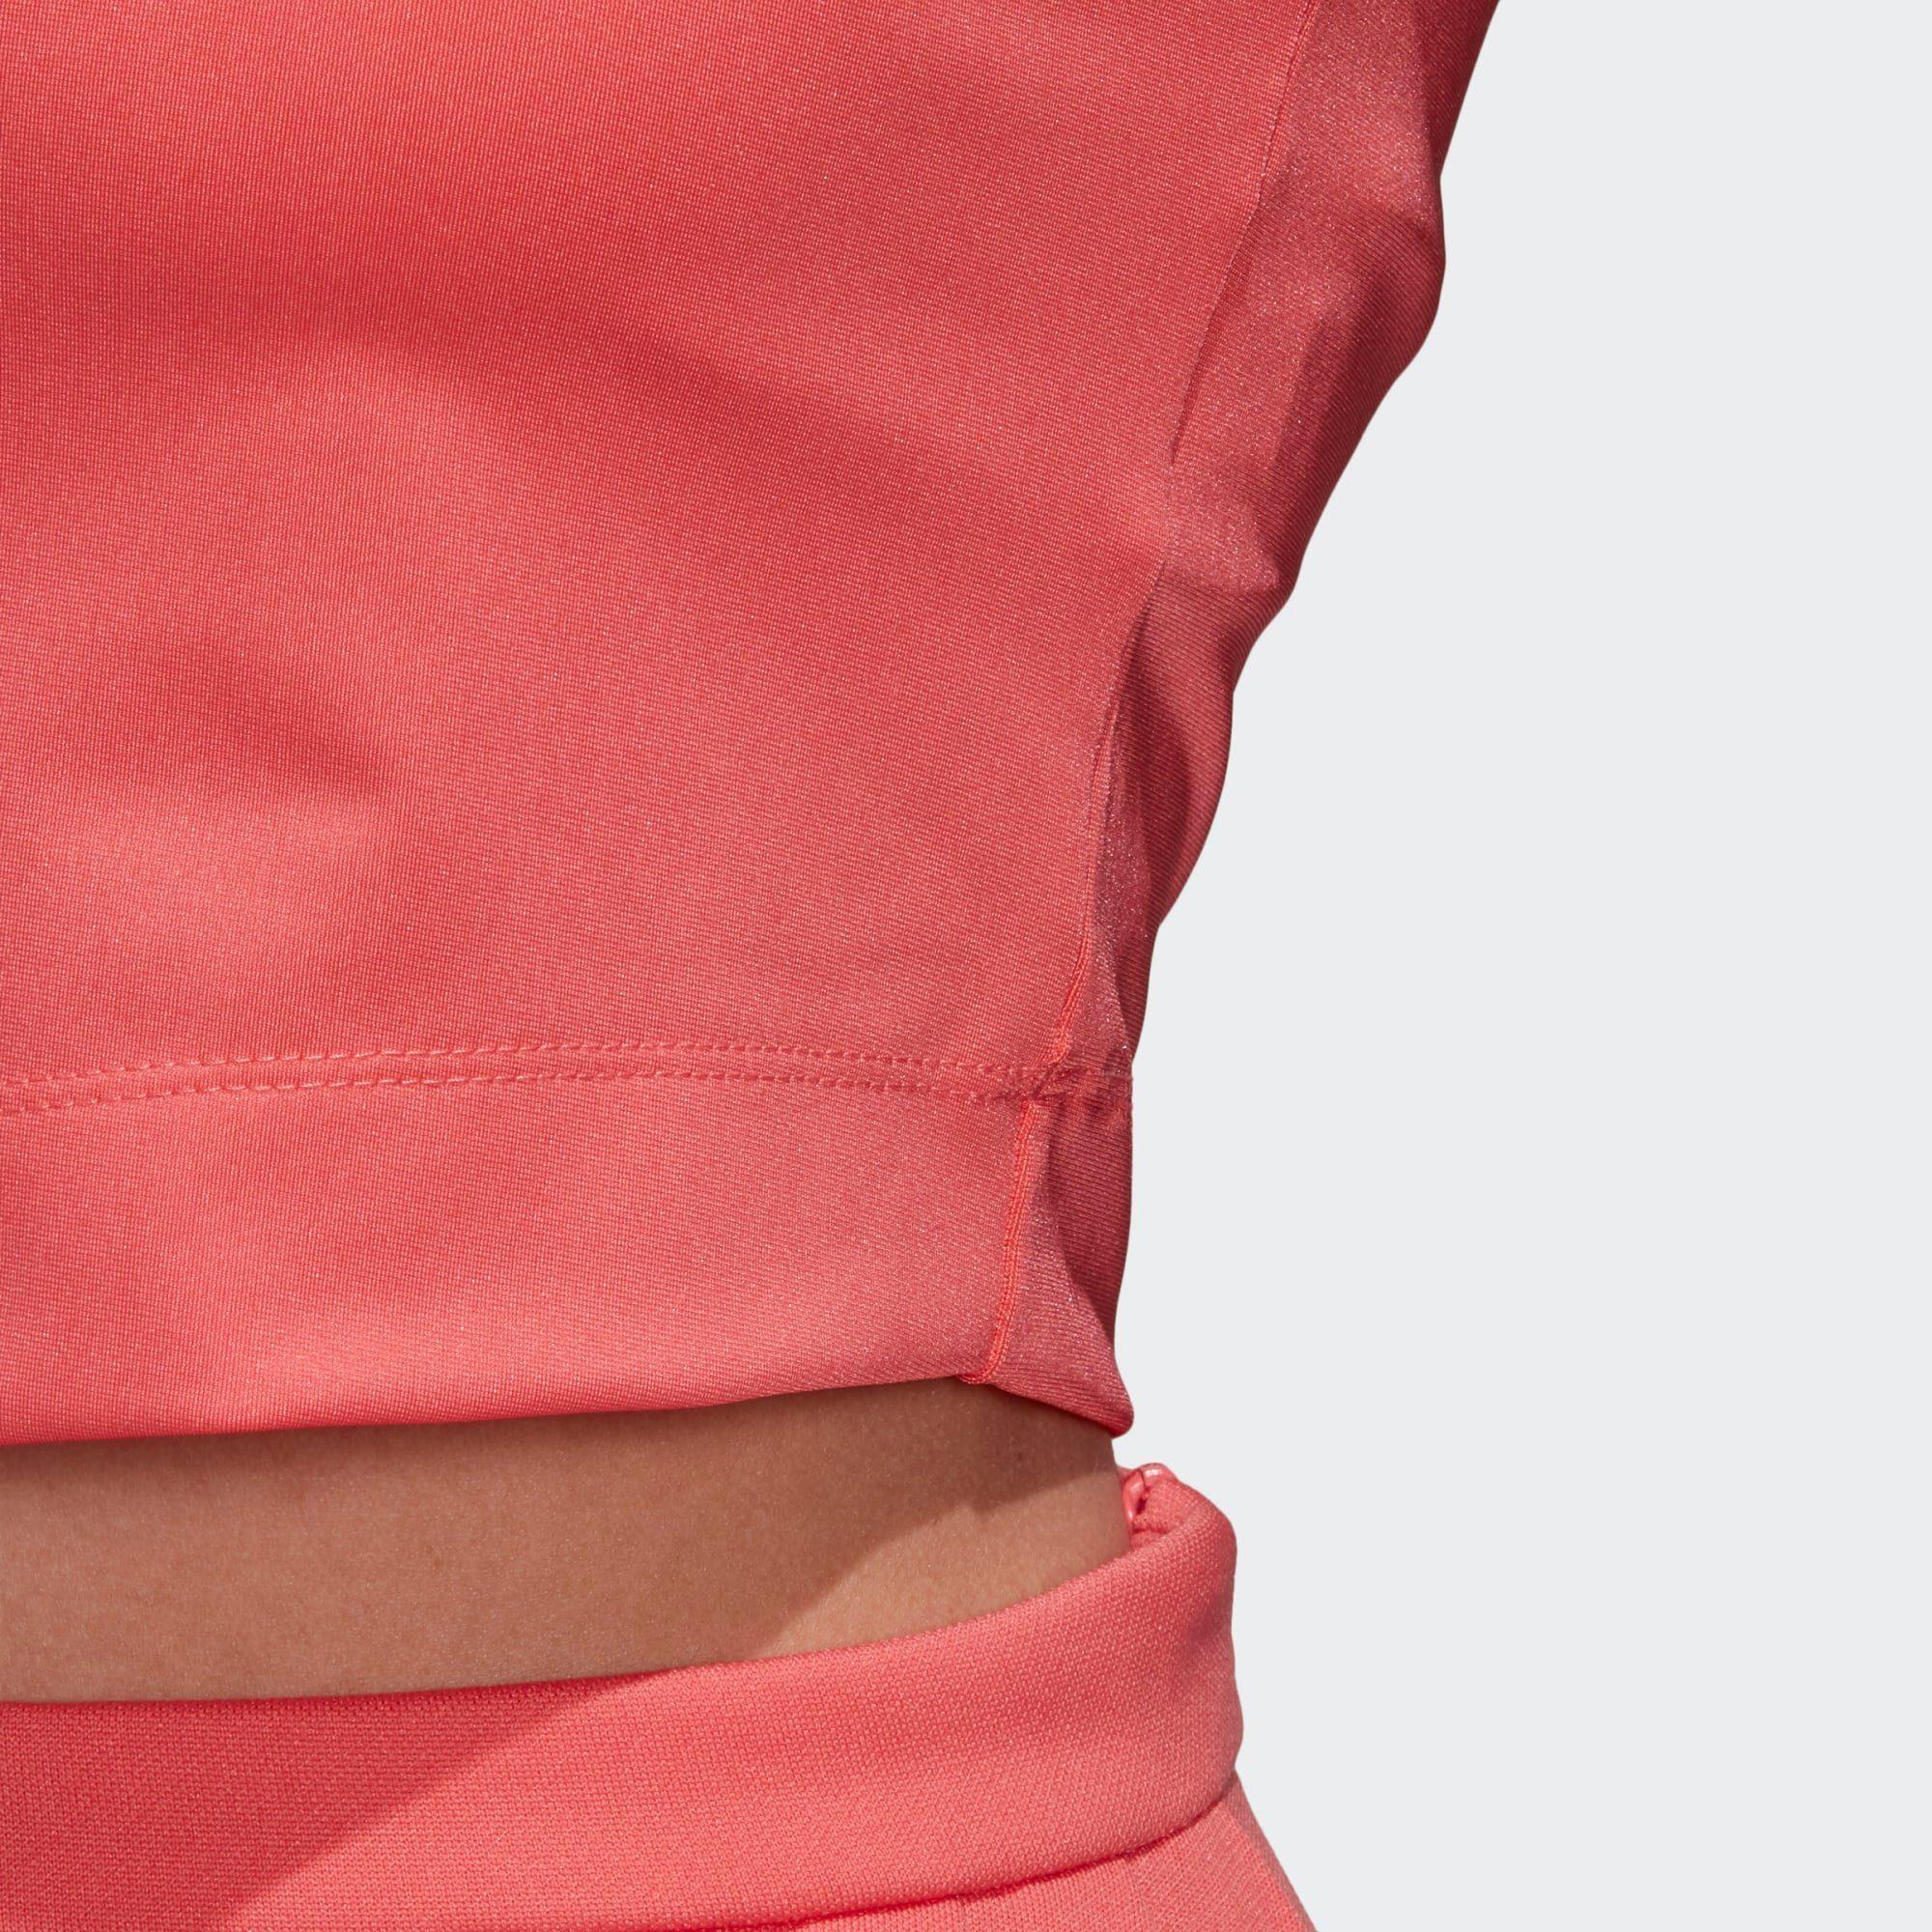 Adidas Originals Shirttop Tanktop, Schmal Geschnitten Online Kaufen